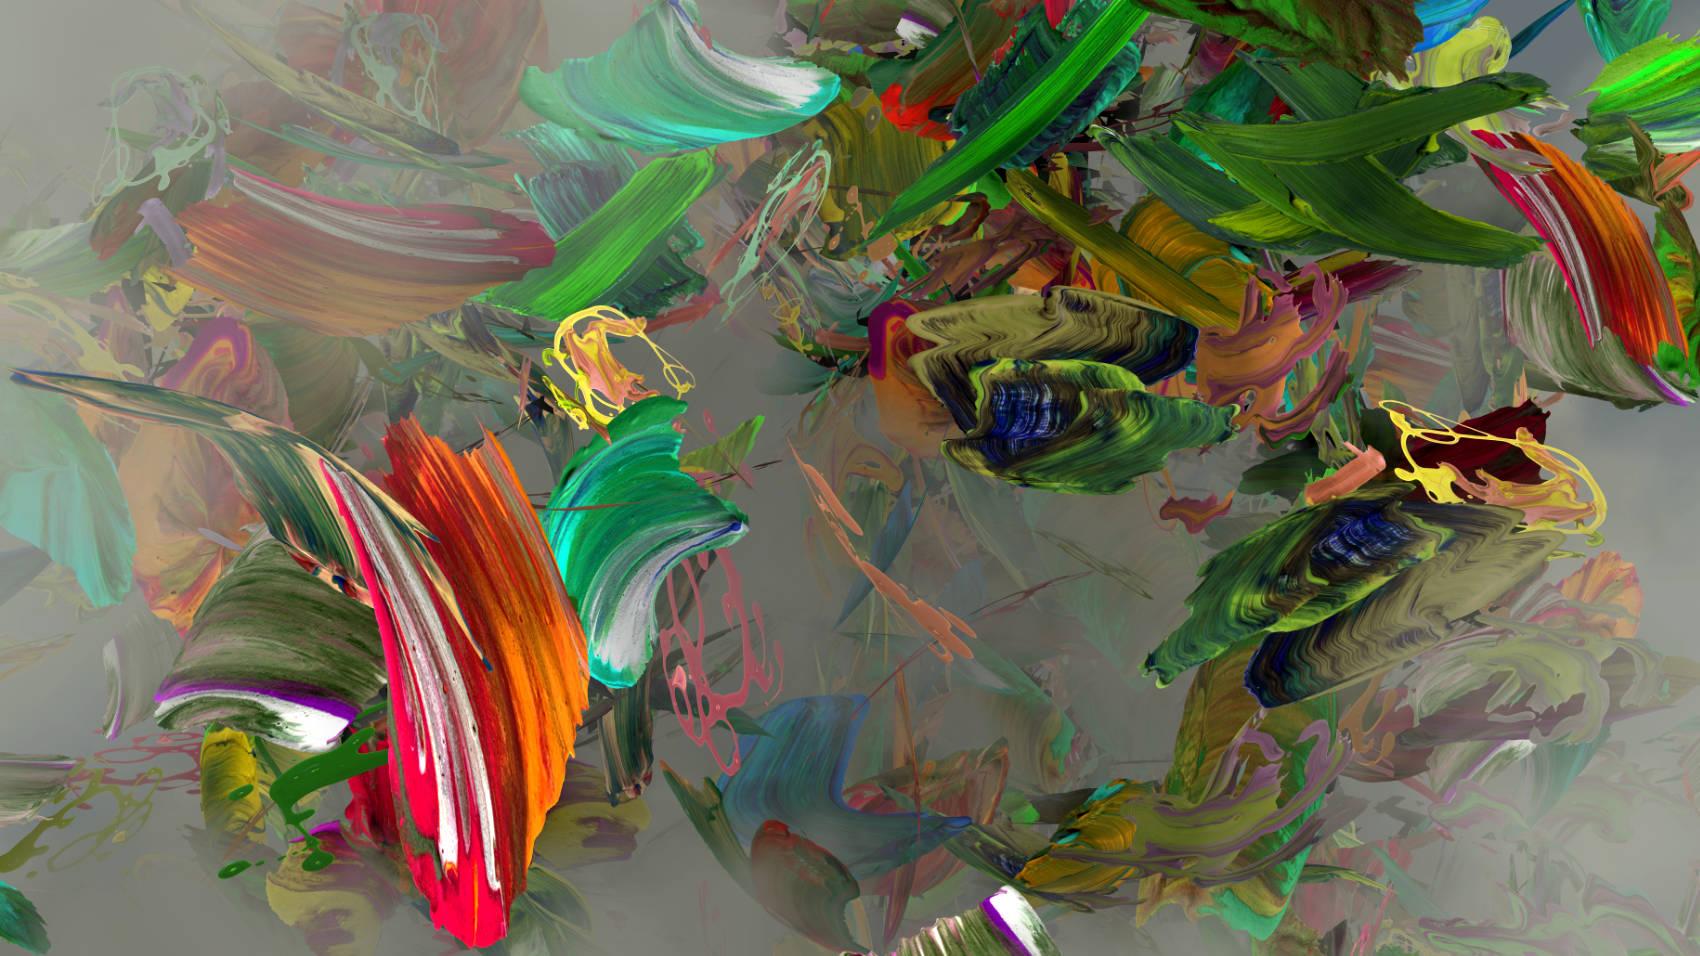 Peintures 3, 2011, C-Print, 70 x 124 cm